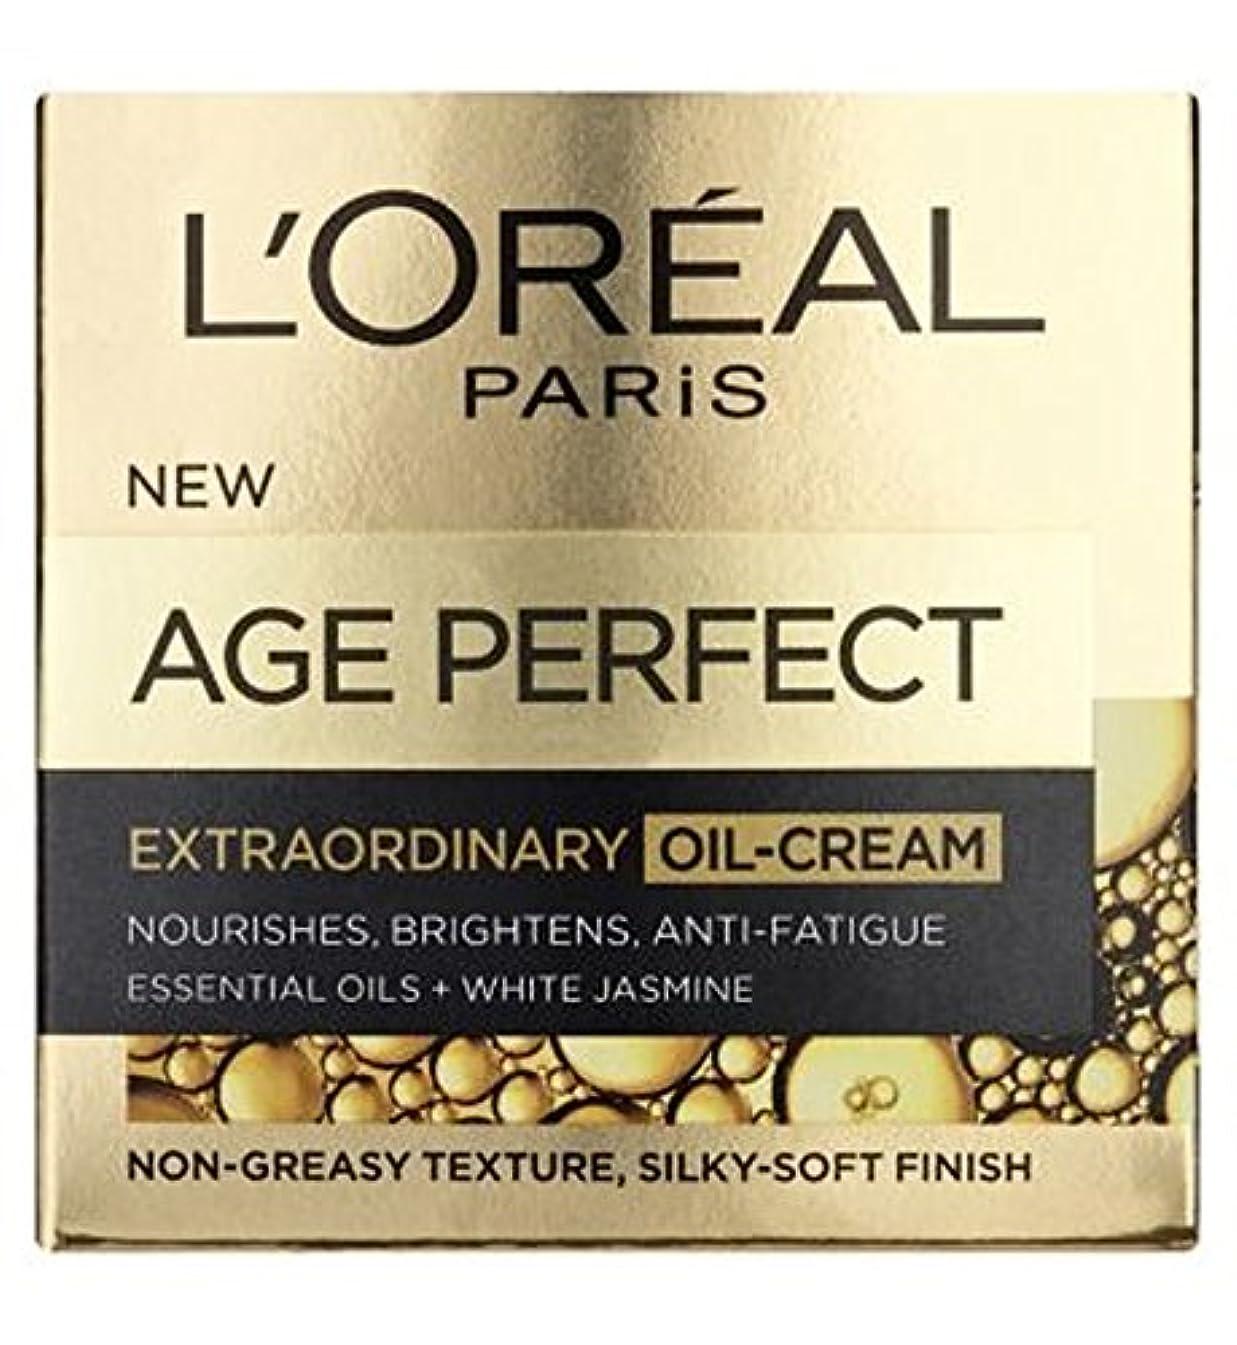 財政害虫抵抗するL'Oreal Paris Extraordinary Oil Cream - ロレアルパリ臨時油クリーム (L'Oreal) [並行輸入品]